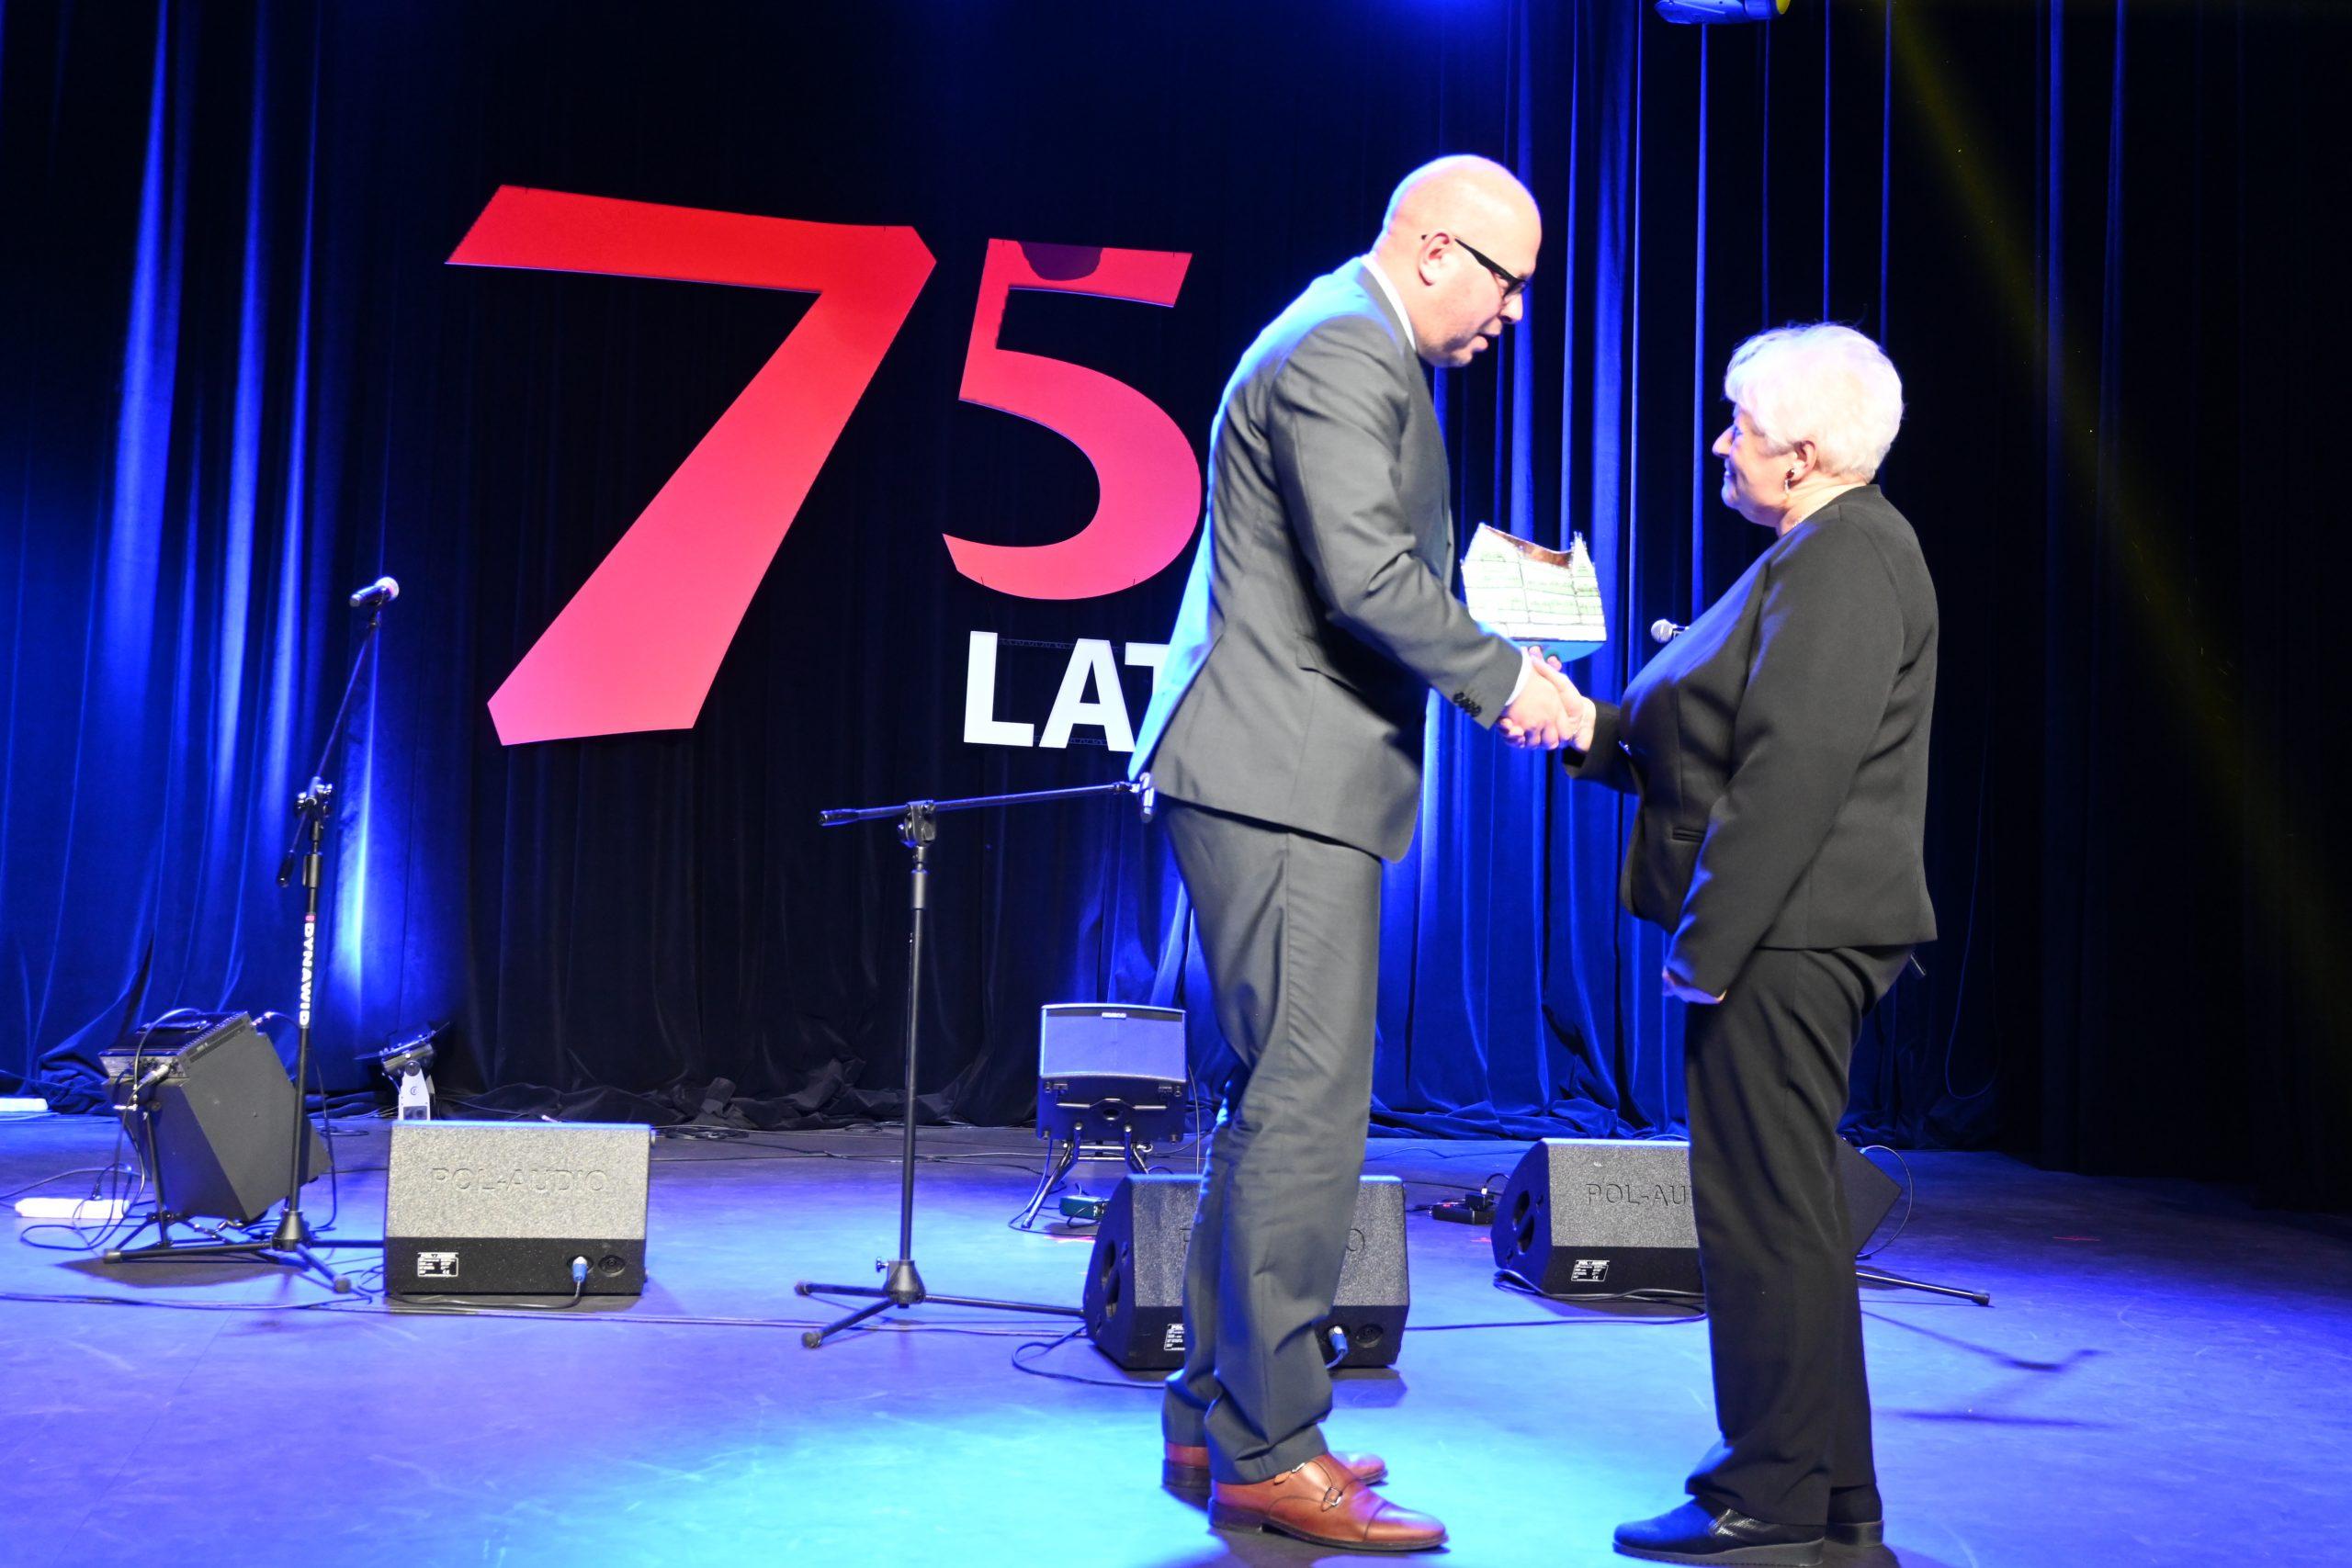 Burmistrz Biskupca wręcza podziękowania byłyemu dyrektorowi biblioteki